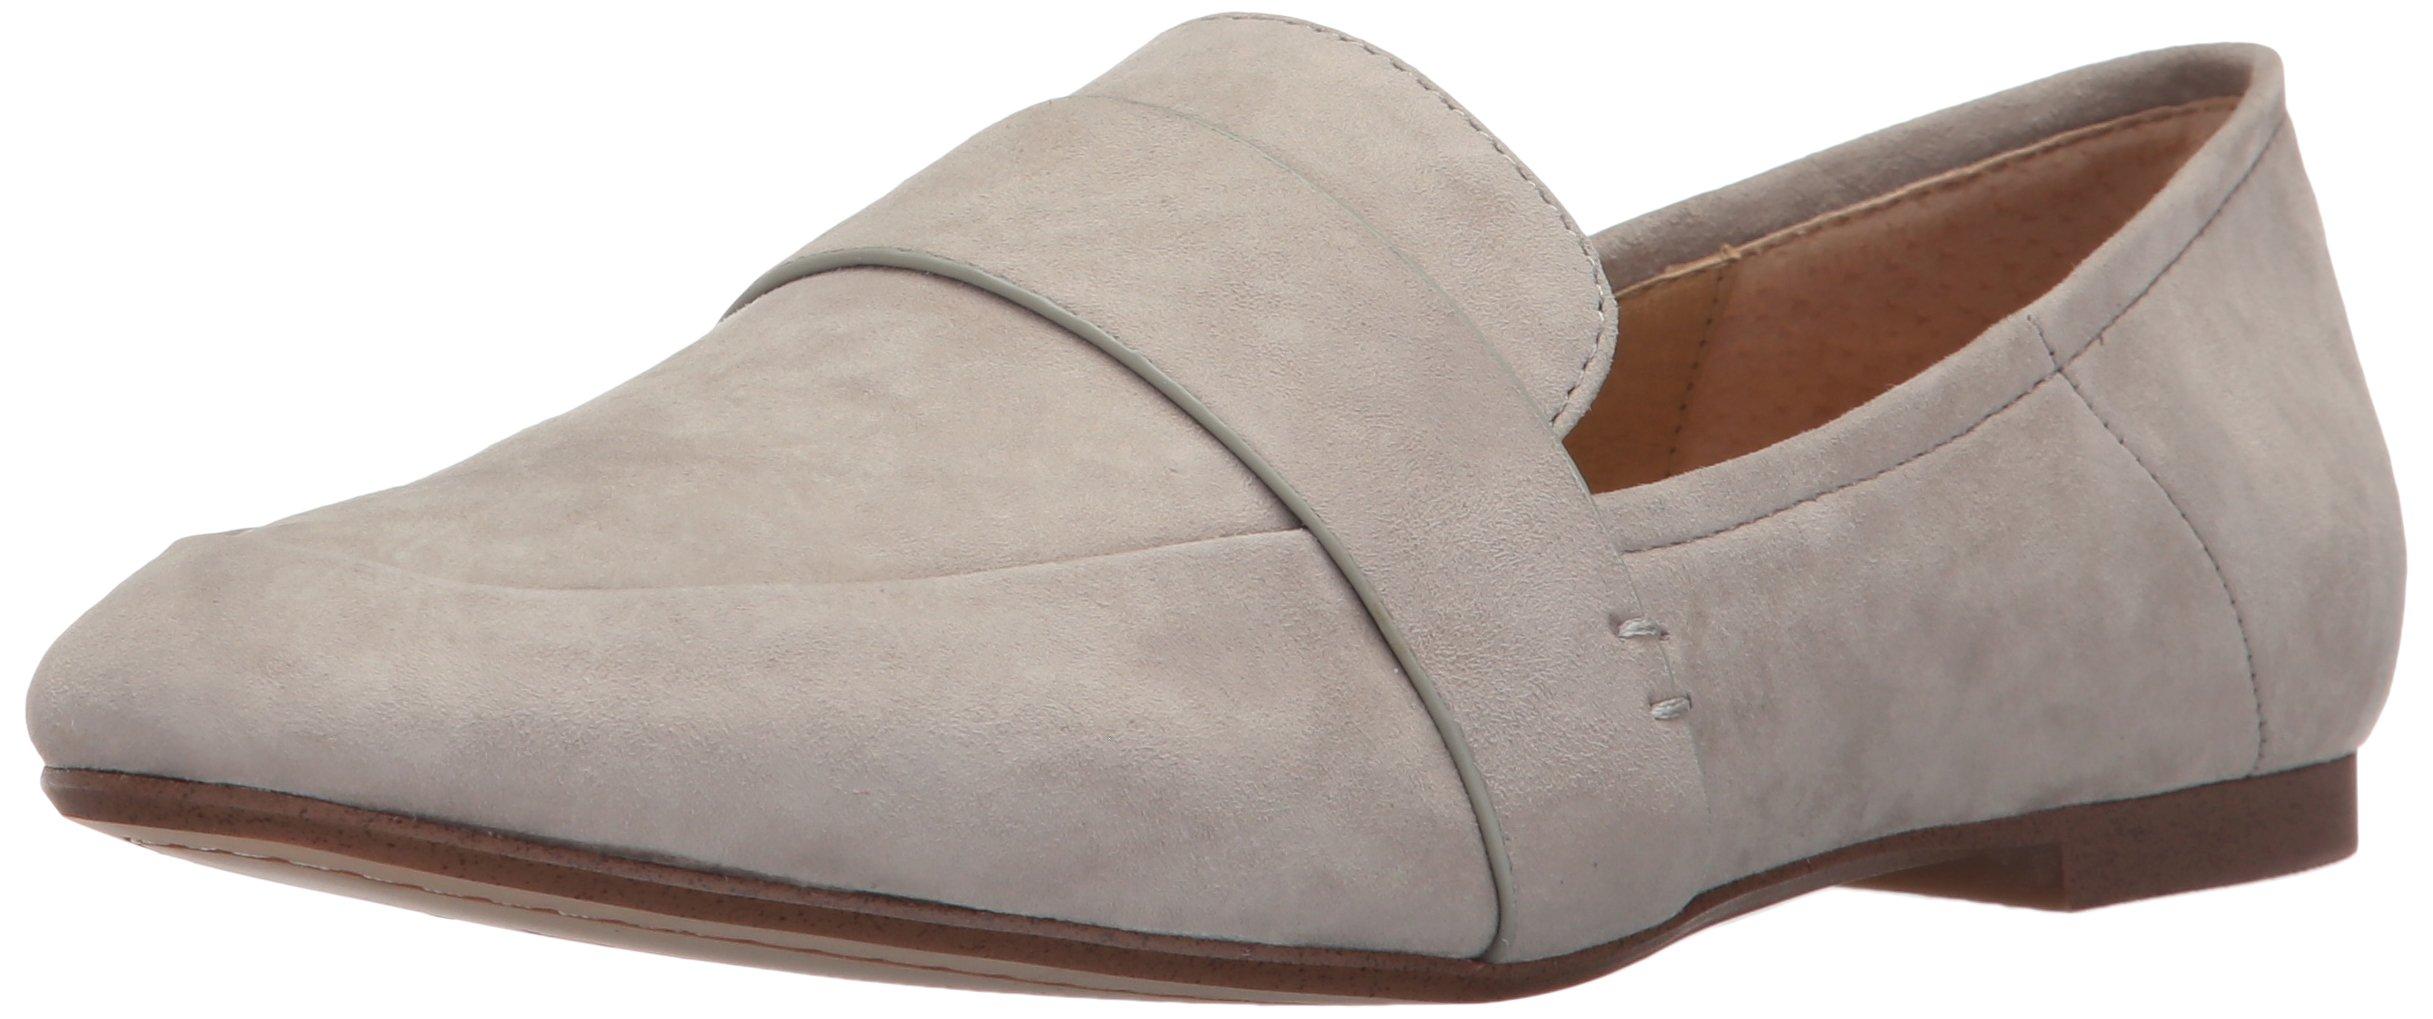 Splendid Women's Delta Loafer Flat, Grey, 8 Medium US